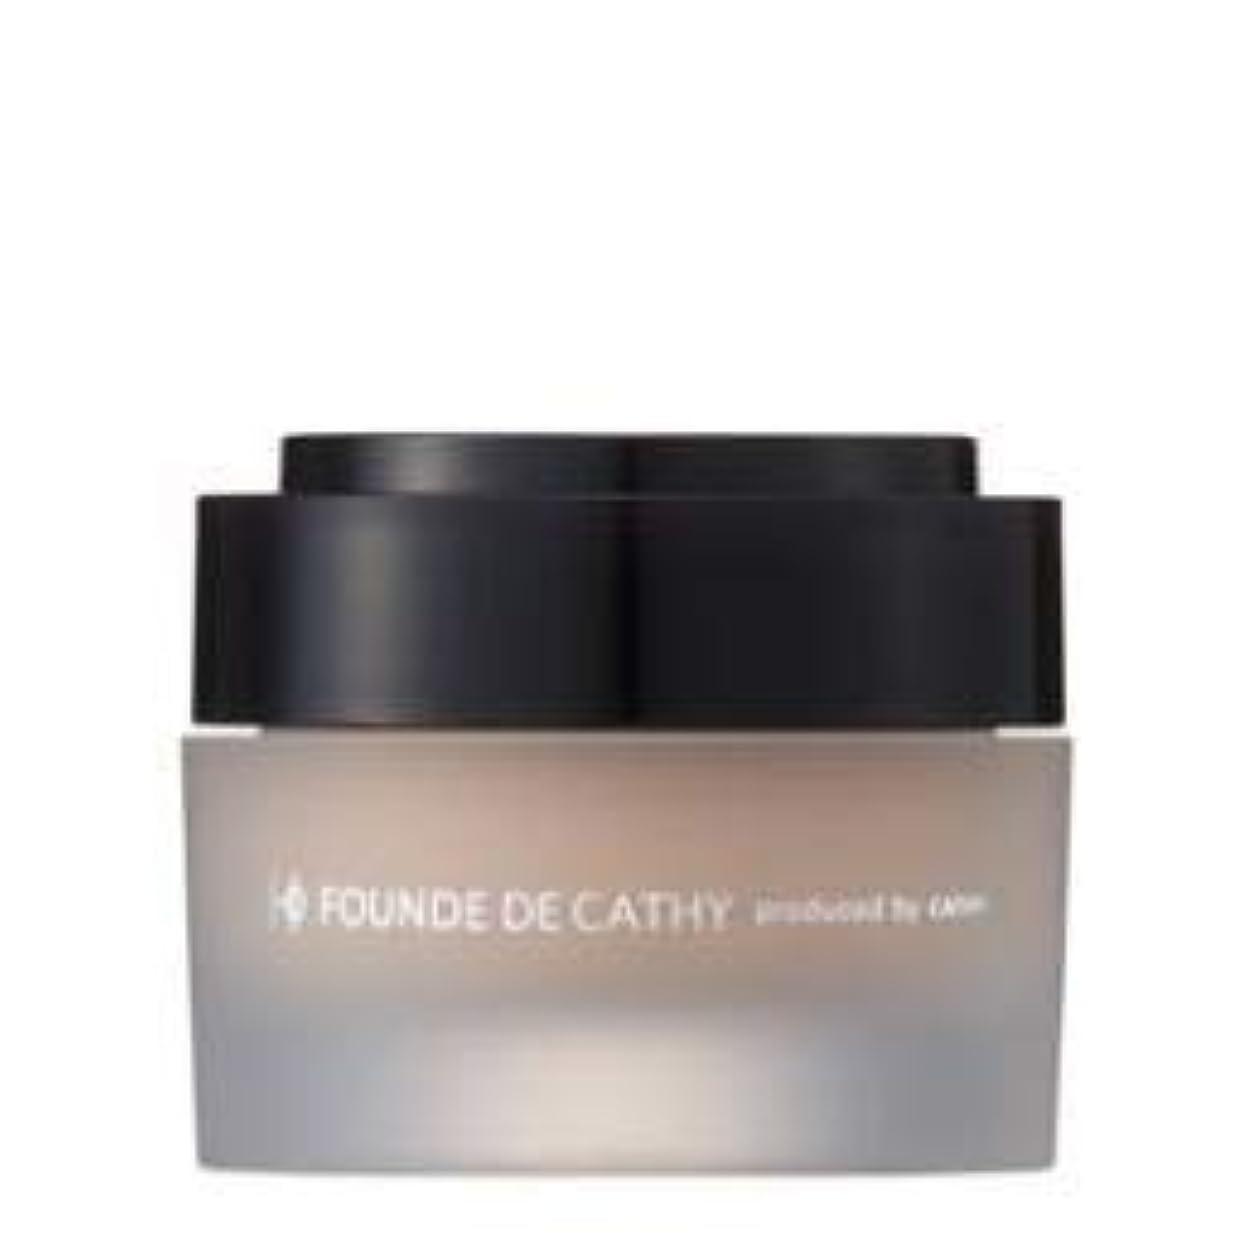 輝度マーベル計算カシー化粧品 HO ファンデドゥ カシーF P14